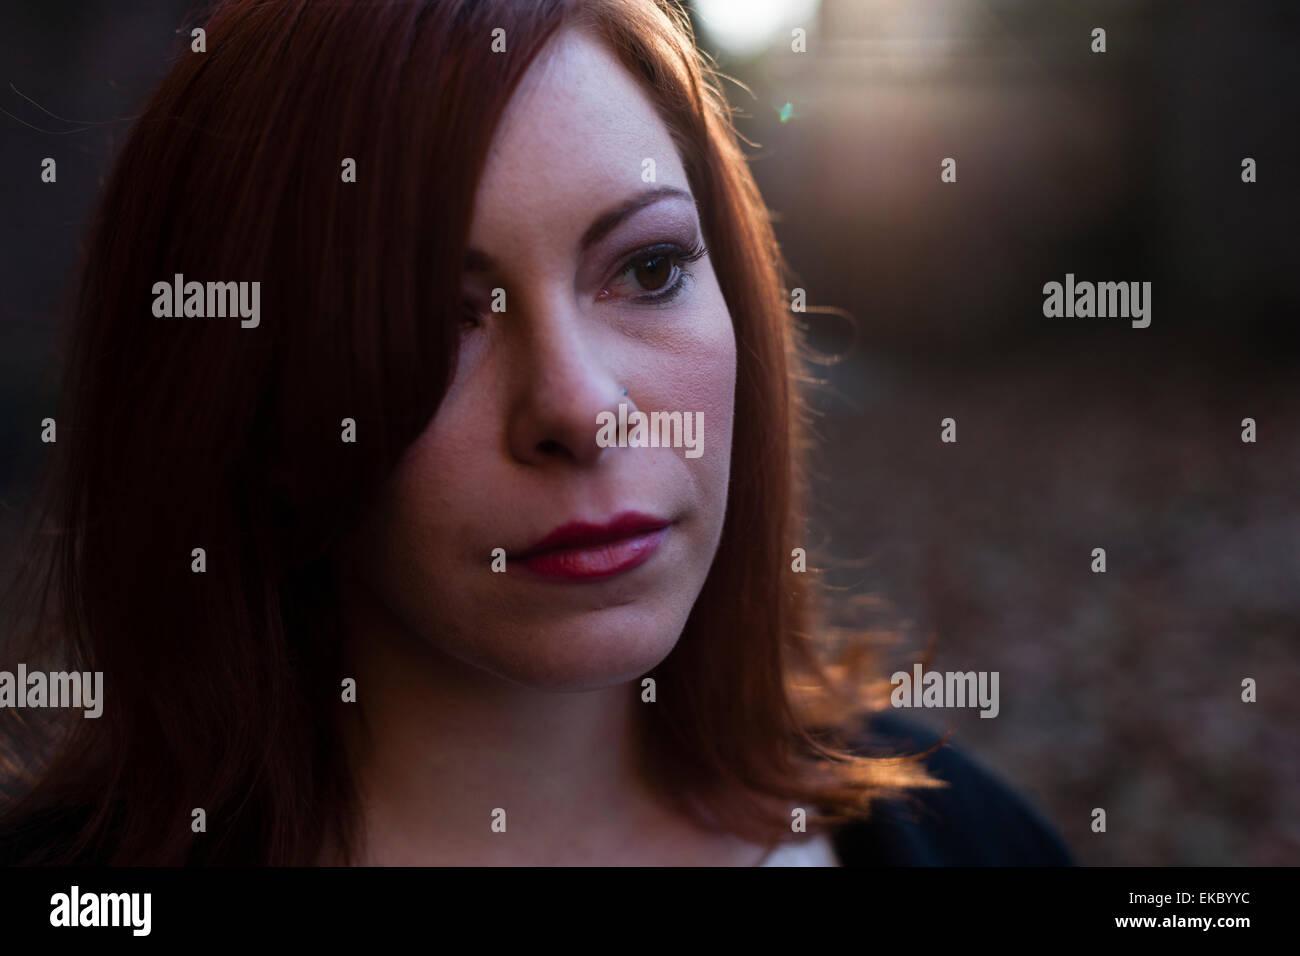 Porträt von Mitte erwachsenen Frau, die auf der Suche entfernt, im freien Stockfoto